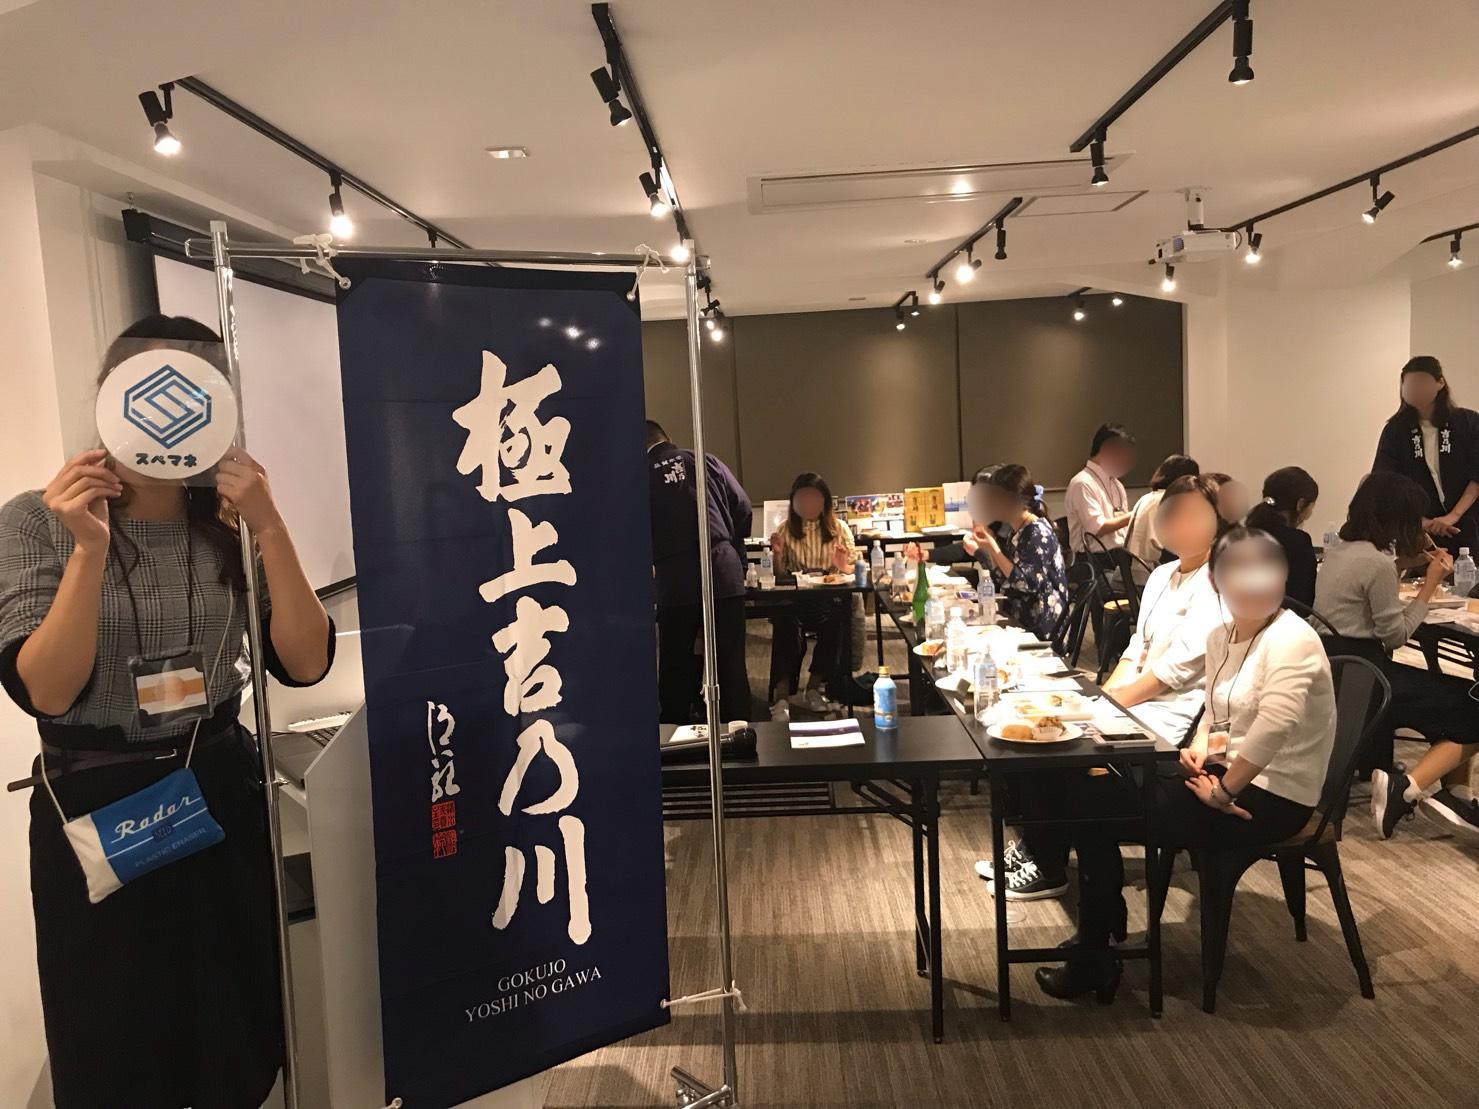 おしゃれでリーズナブルな会場で日本酒試飲会♪|TIME SHARING|タイムシェアリング|スペースマネジメント|あどばる|adval|SHARING